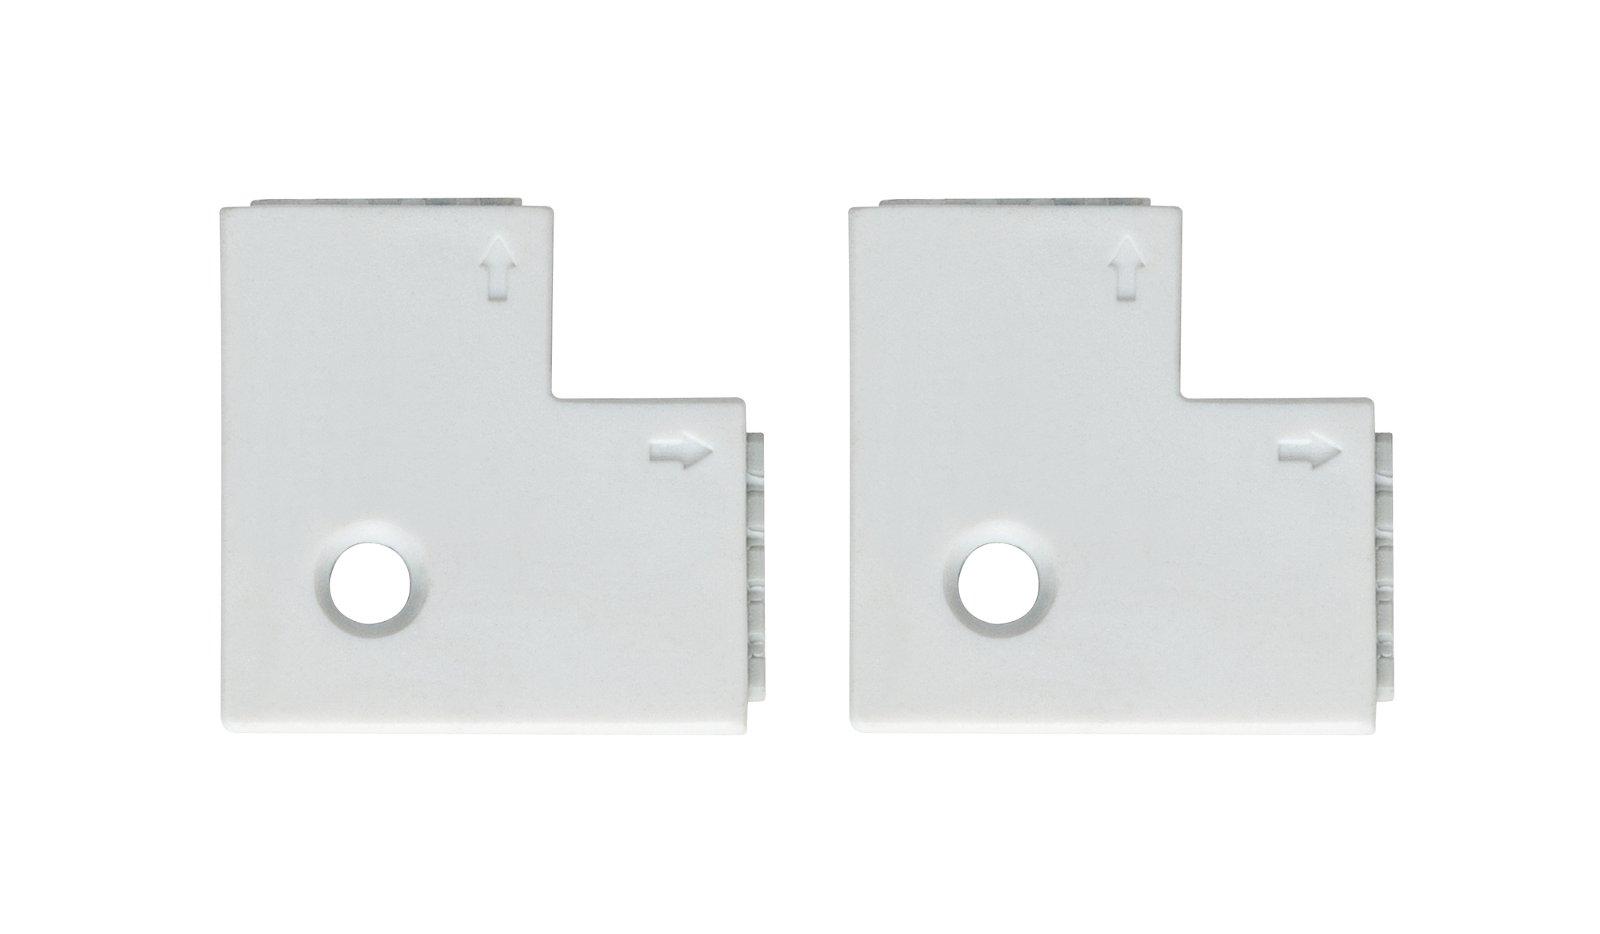 MaxLED Verbinder Eck-Stück 25x25mm max. 144W Weiß